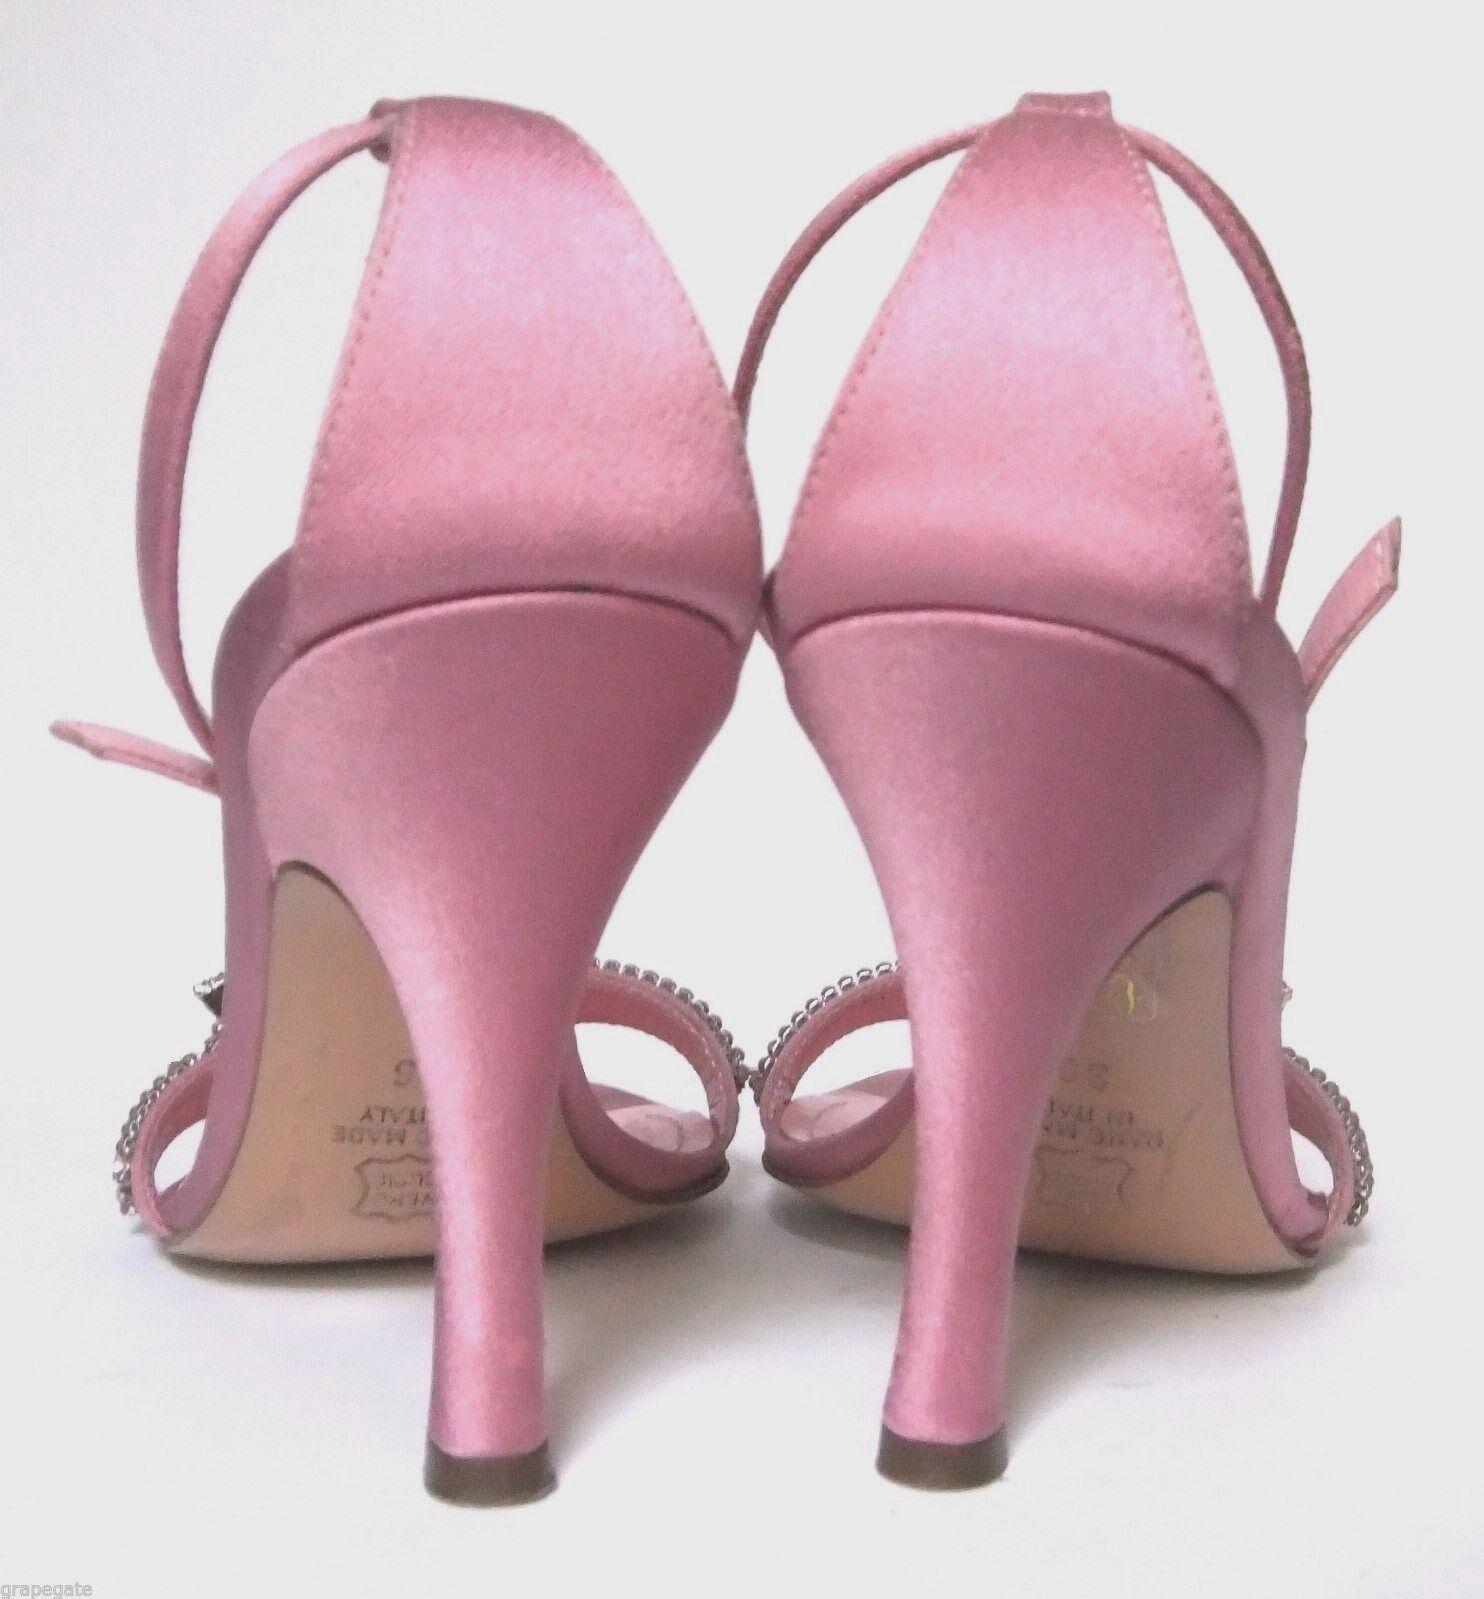 LERRE rosadododo rosadododo Leather-Satin-Crystals Stiletto Heel Strappy zapatos, 36  6,  36 592cee